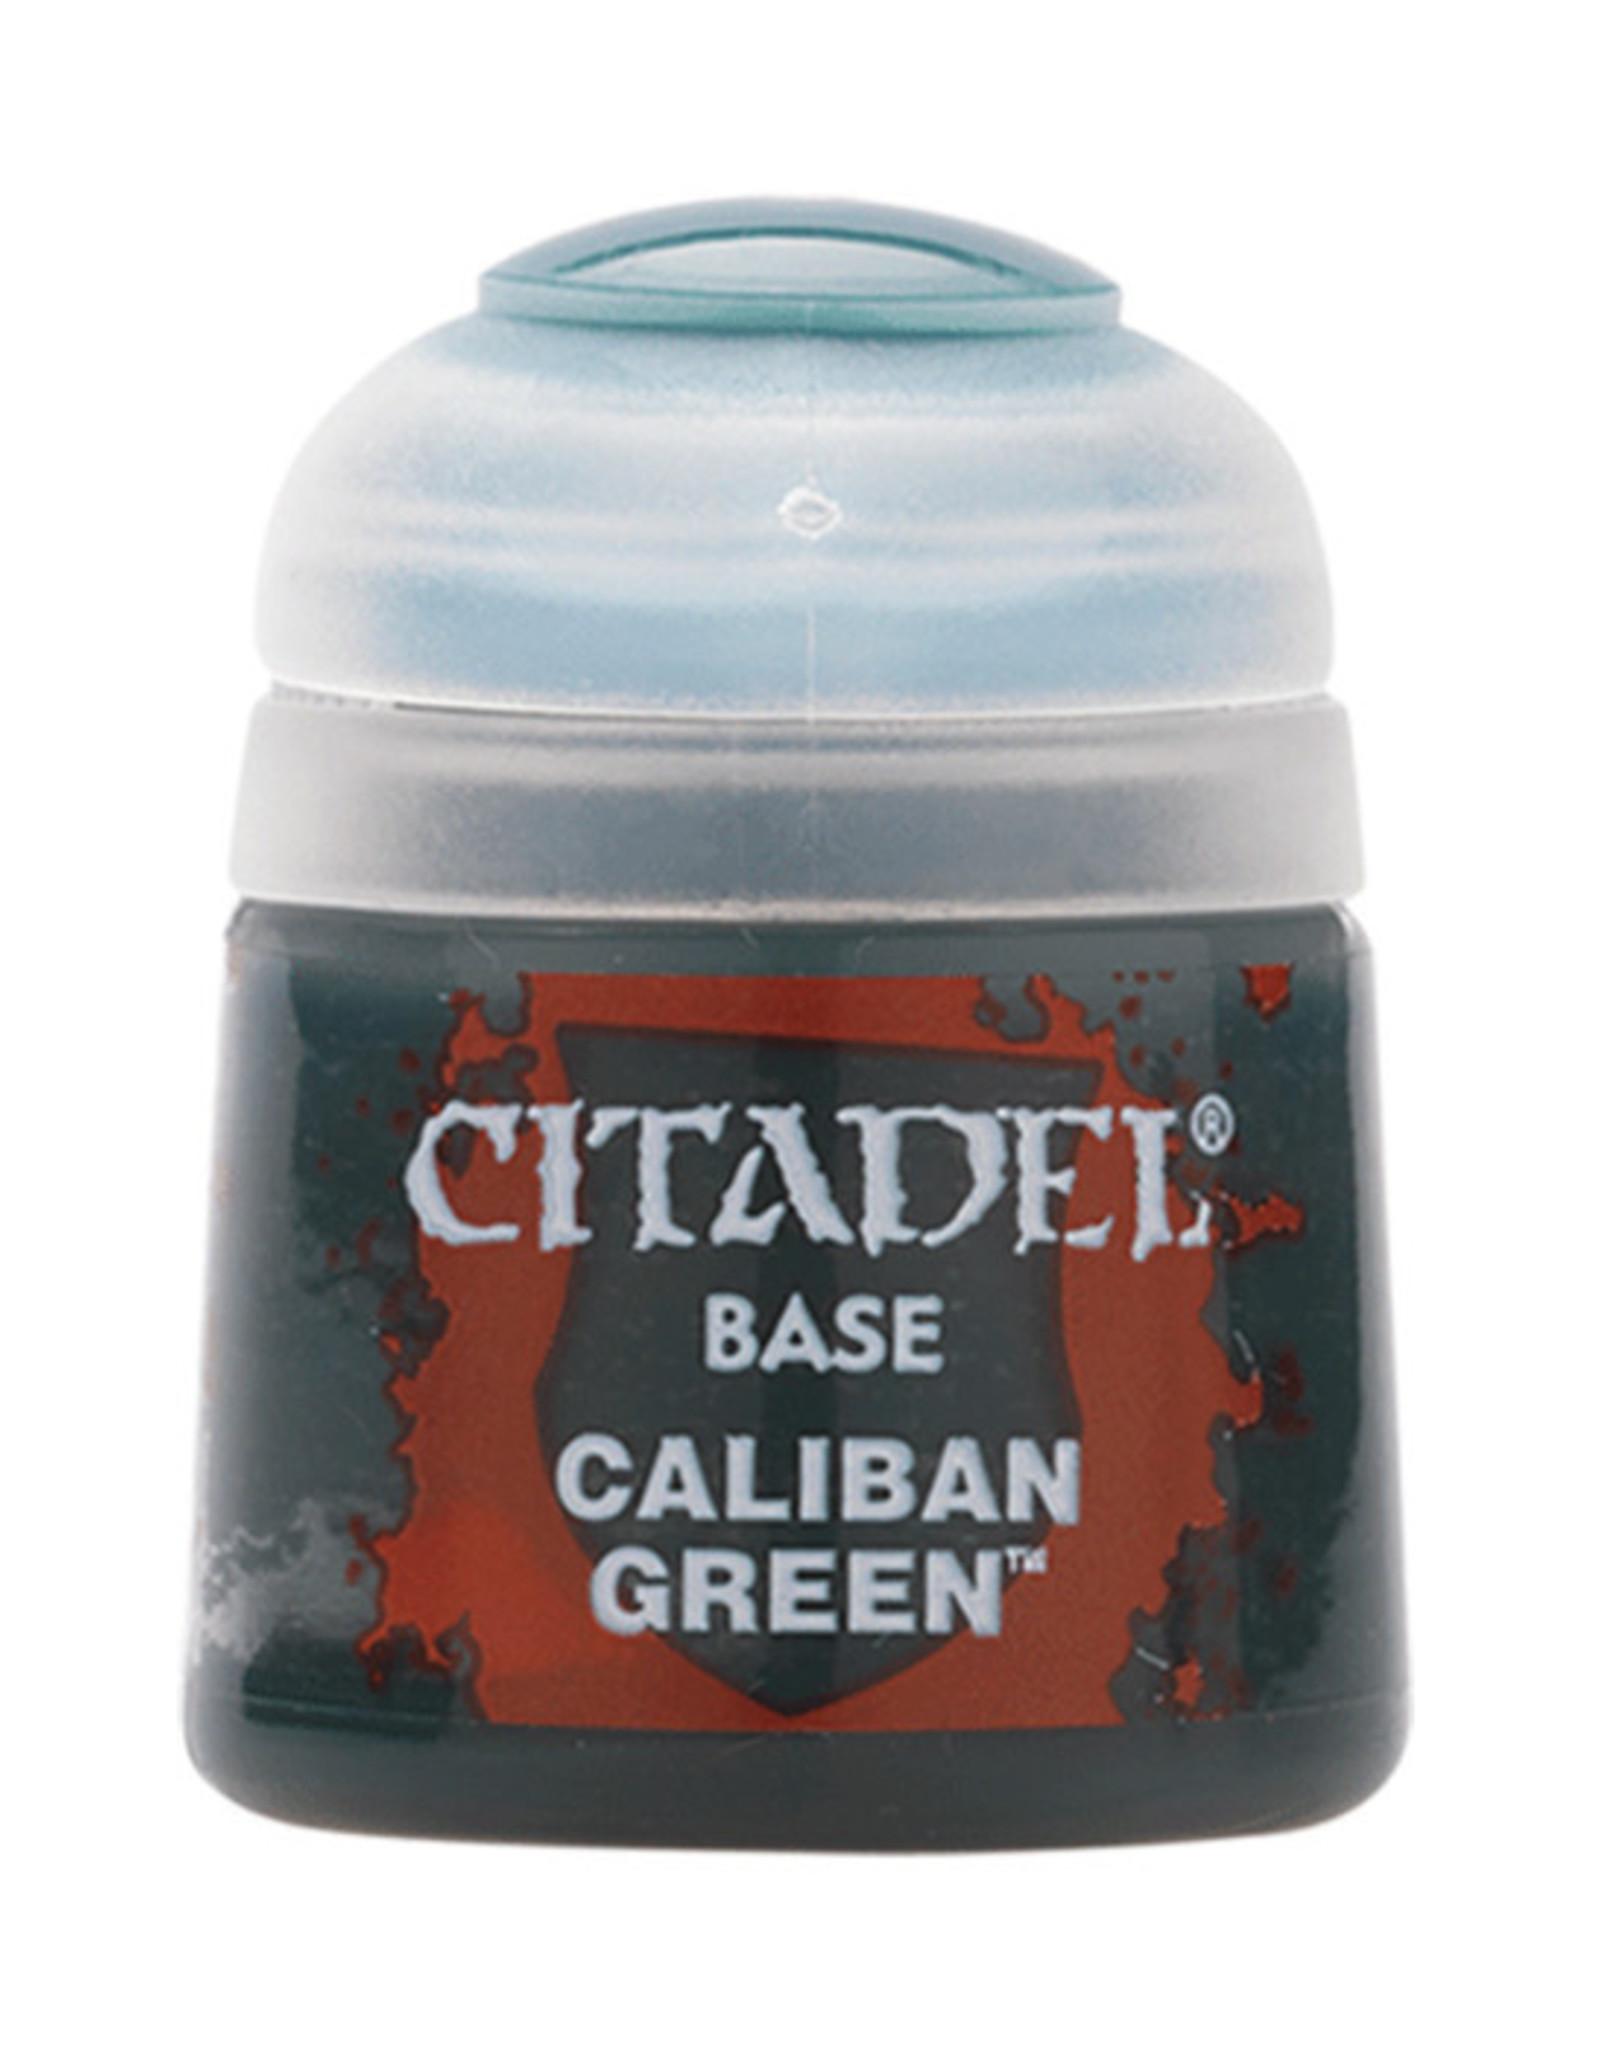 Citadel Citadel Colour: Base - Caliban Green